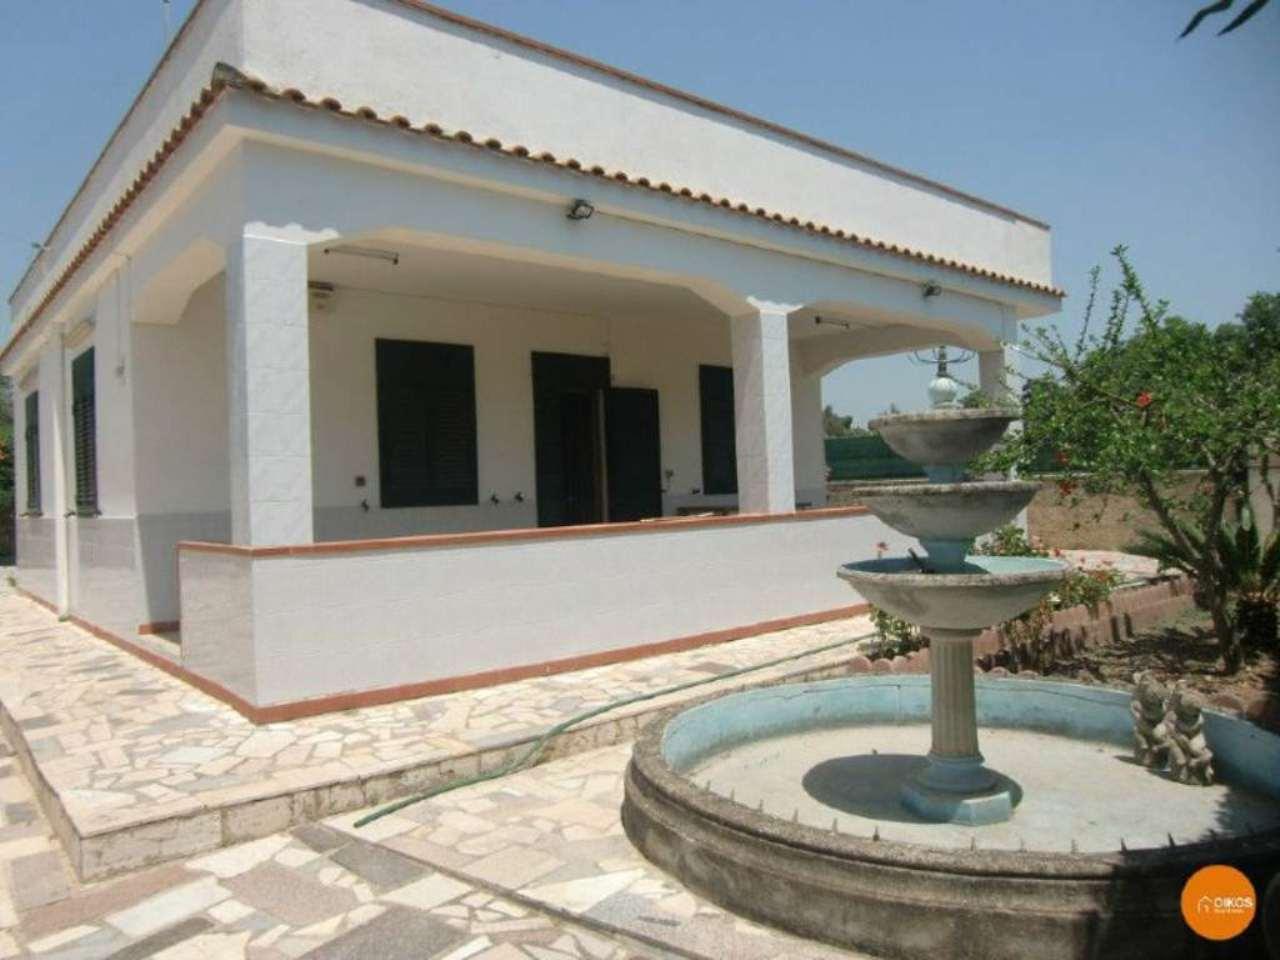 Villa in vendita a Noto, 4 locali, prezzo € 190.000 | Cambio Casa.it